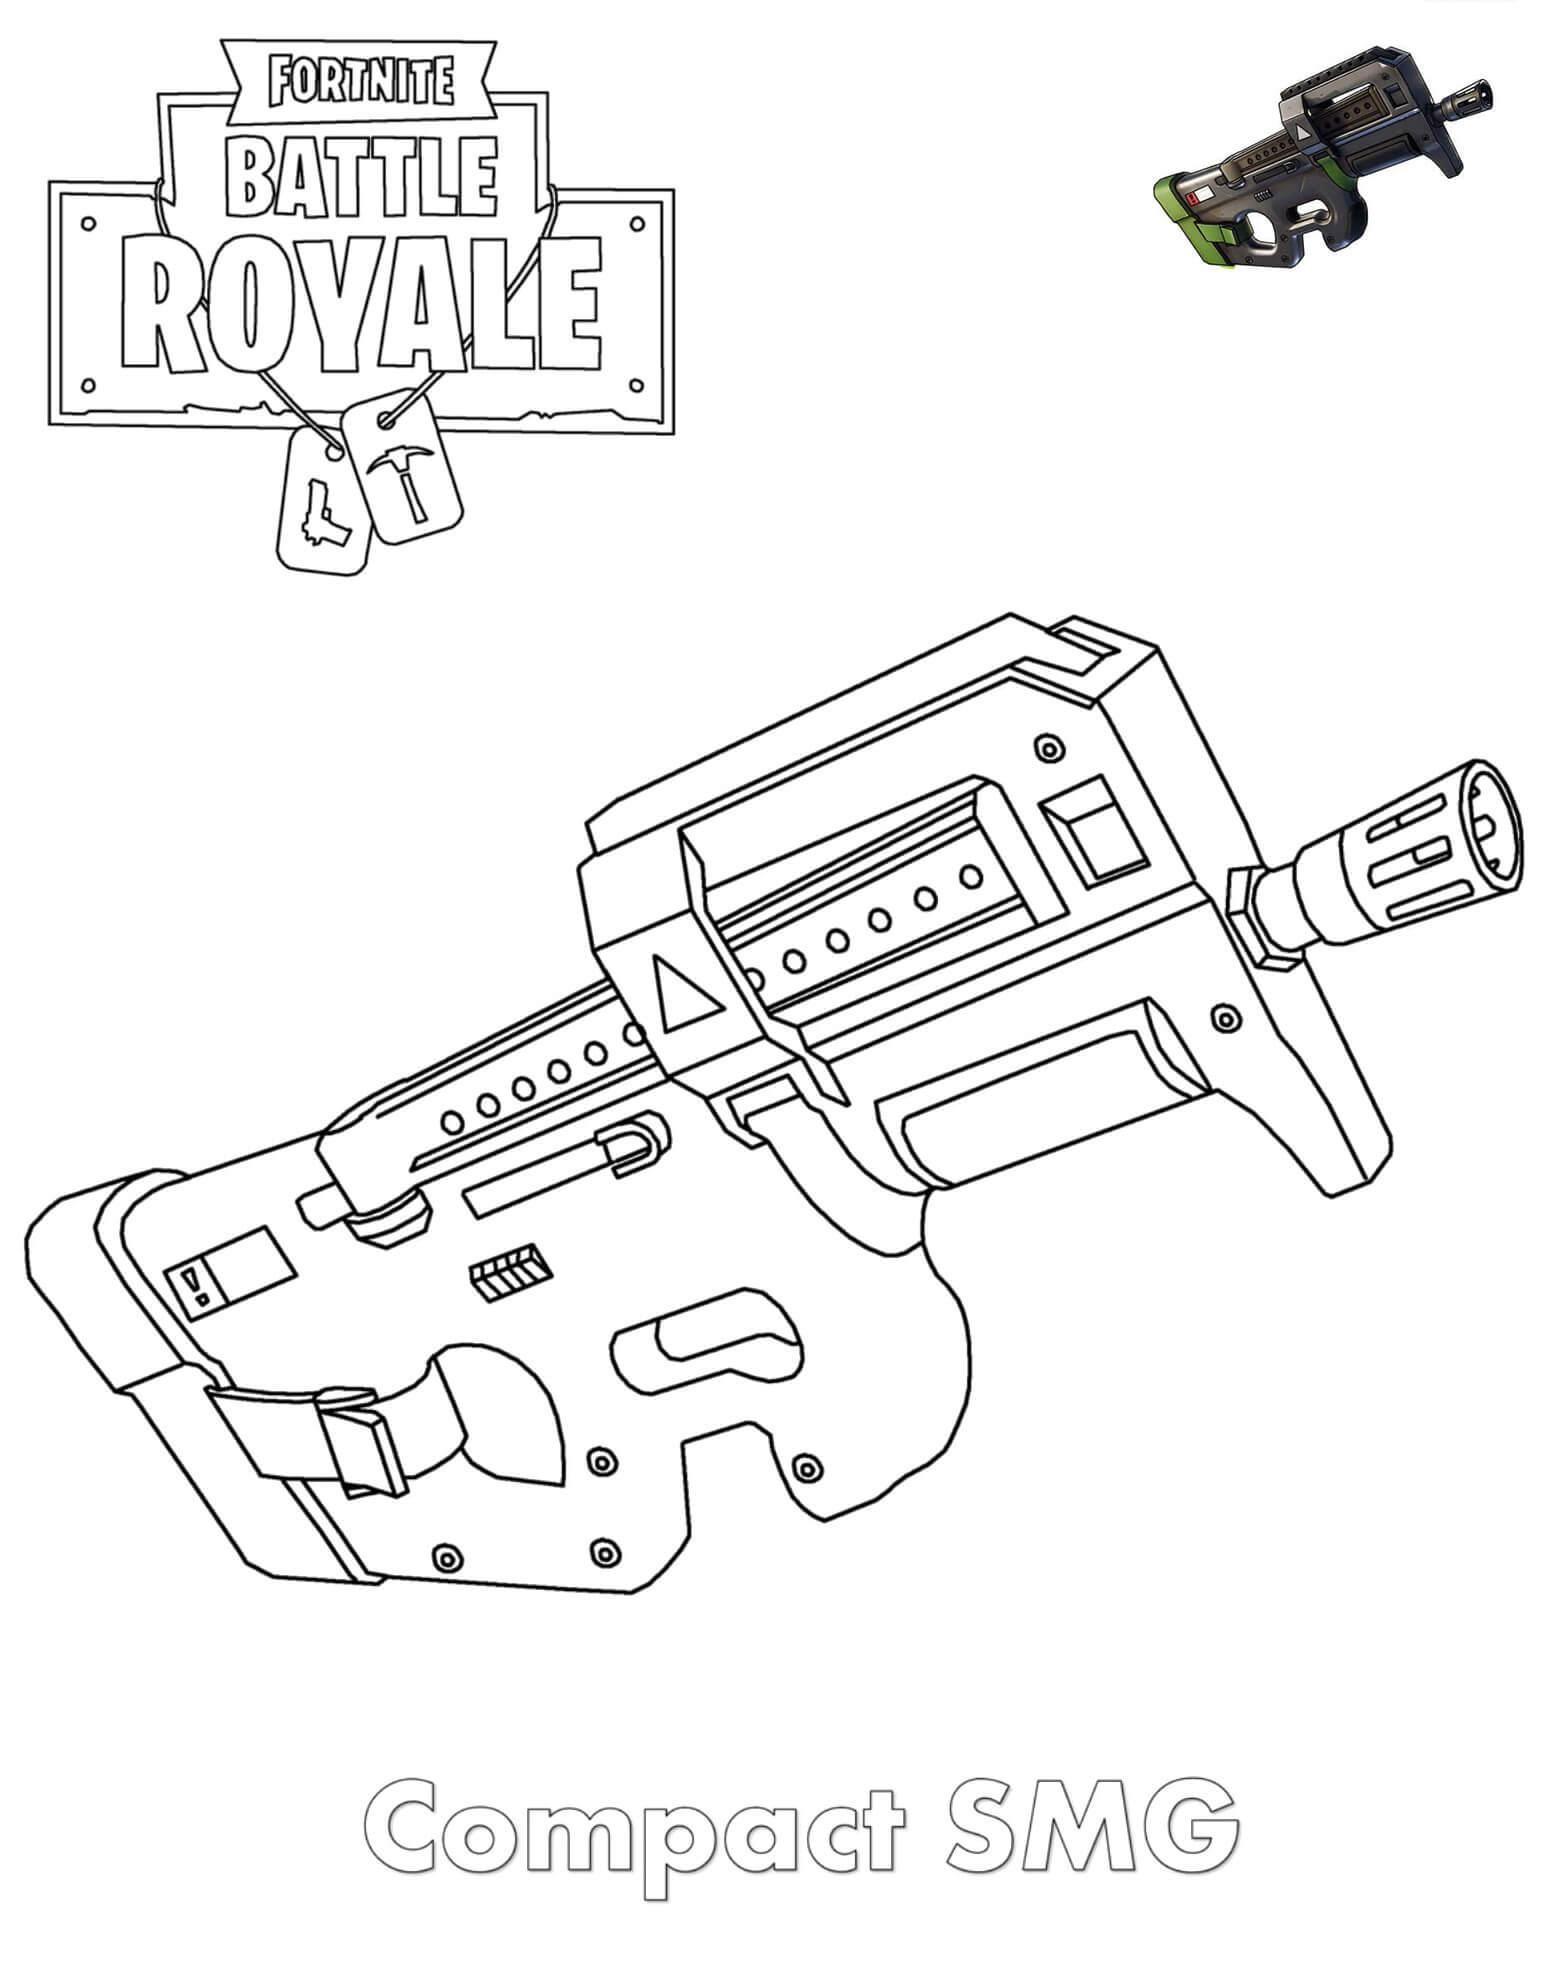 розмальовка P90